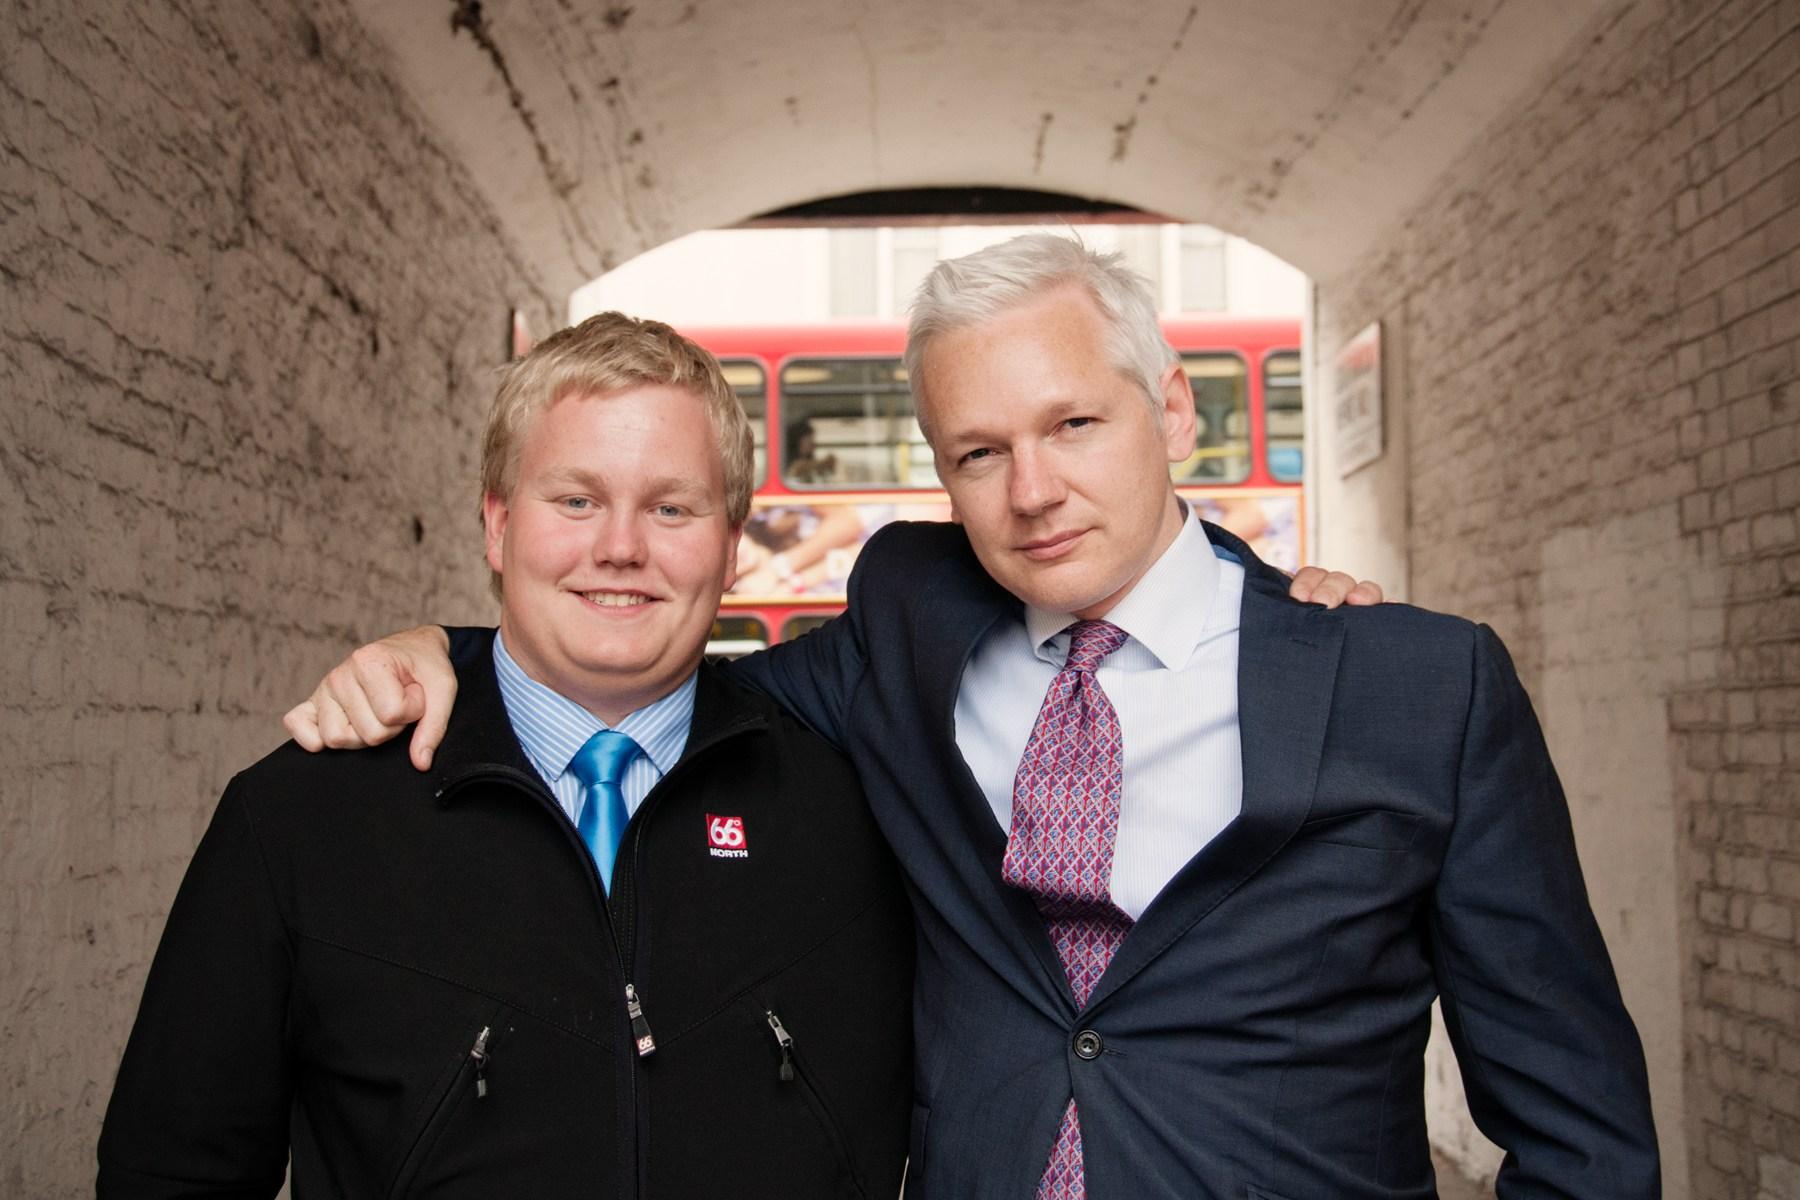 Siggi Thordarson with Julian Assange in London 2011.